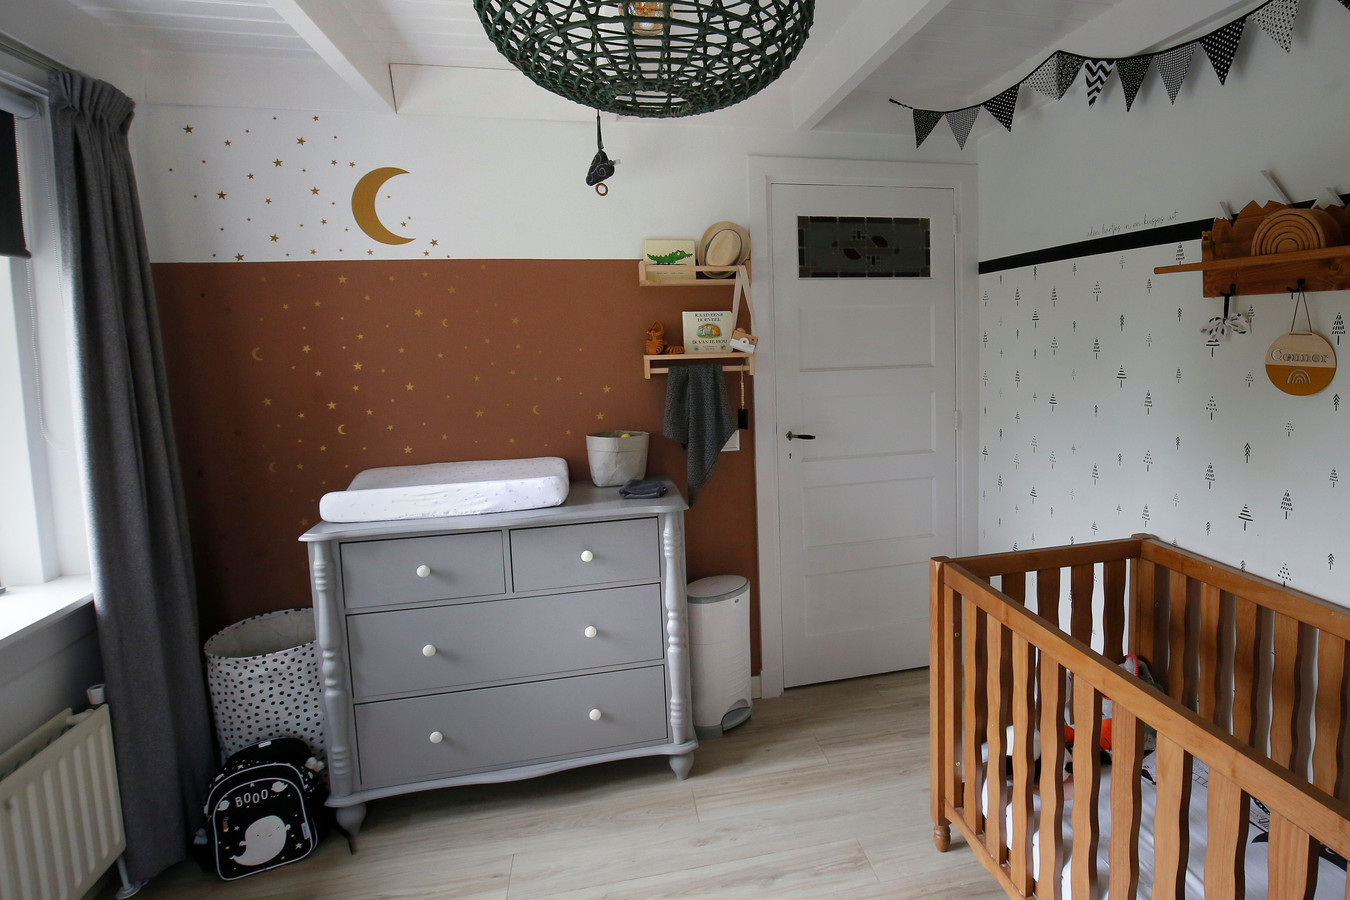 De babykamer heeft Sarina inmiddels al drie maal gerestyled.